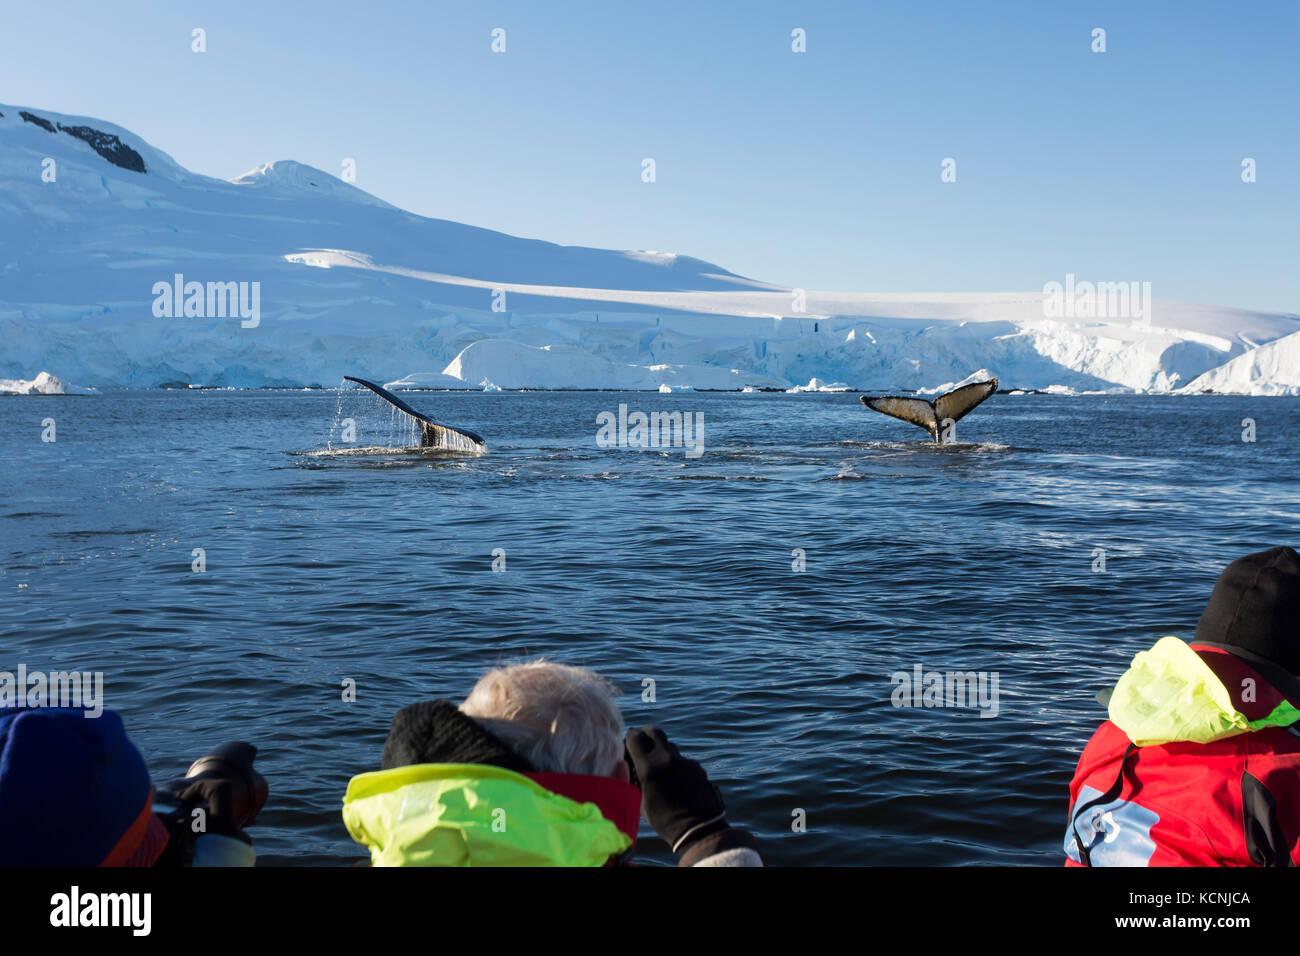 Los pasajeros ver desde una zodiak, ballenas jorobadas alimentándose en la bahía de fournier fuera de la Isla Anvers, el Estrecho de Gerlache, Península Antártica. Foto de stock